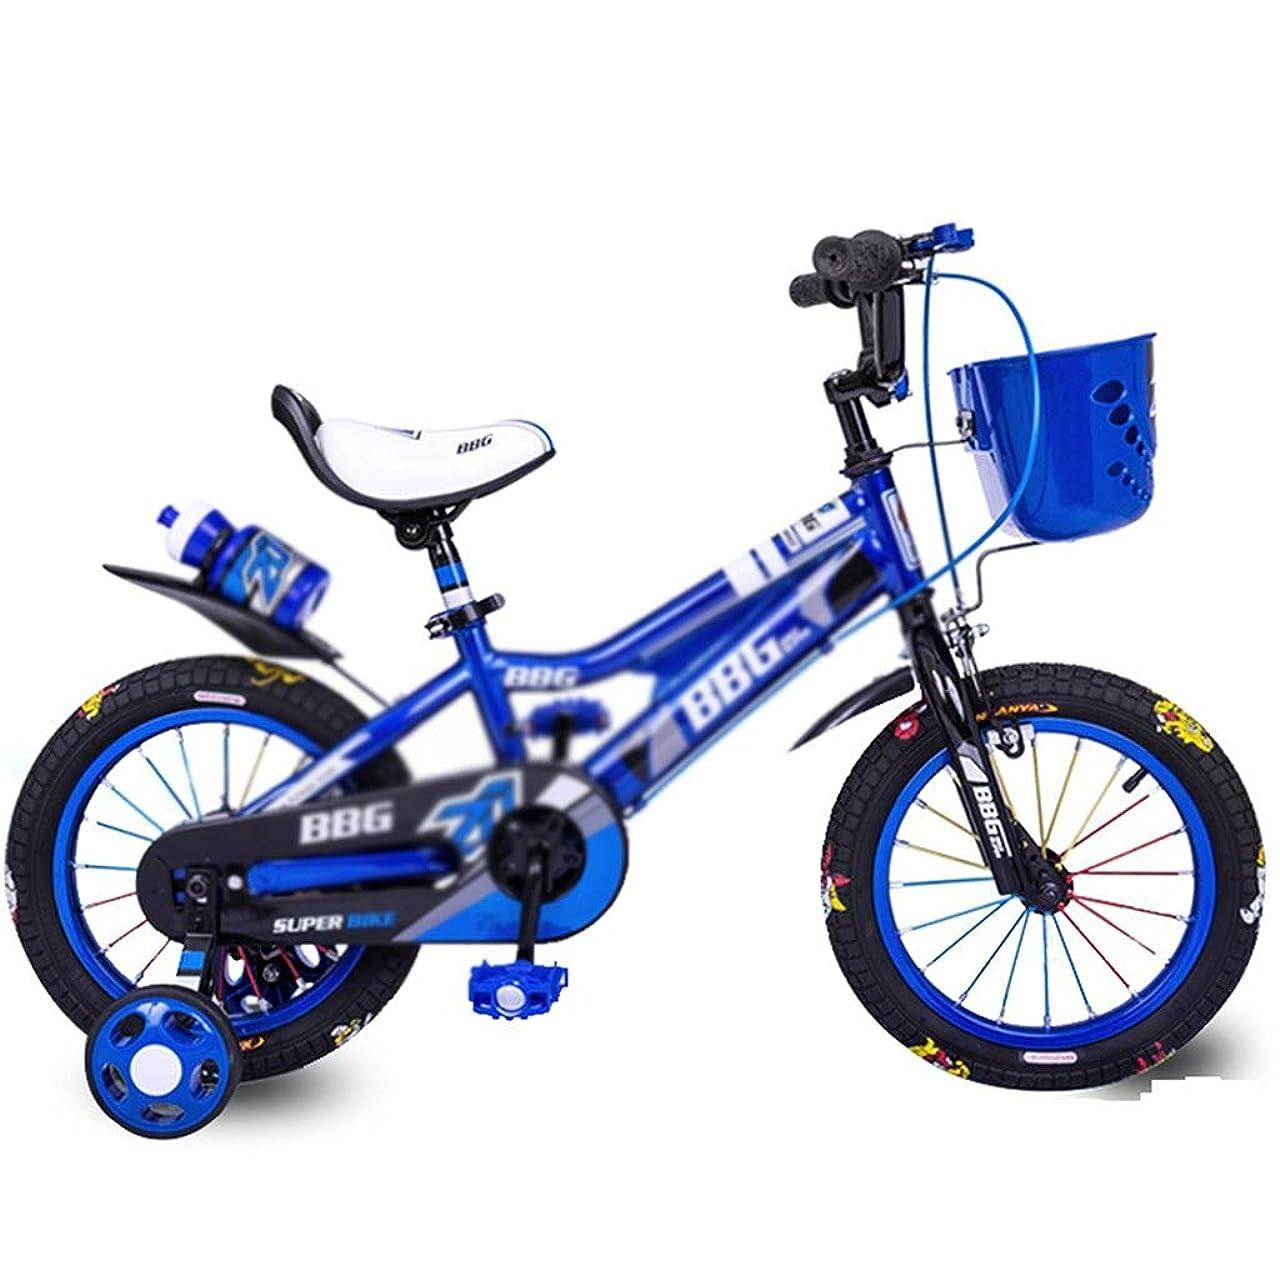 キャスト輸血涙GXH- 子供用自転車、自転車用三輪車調節可能ハンドル、16インチ4?7歳の子供